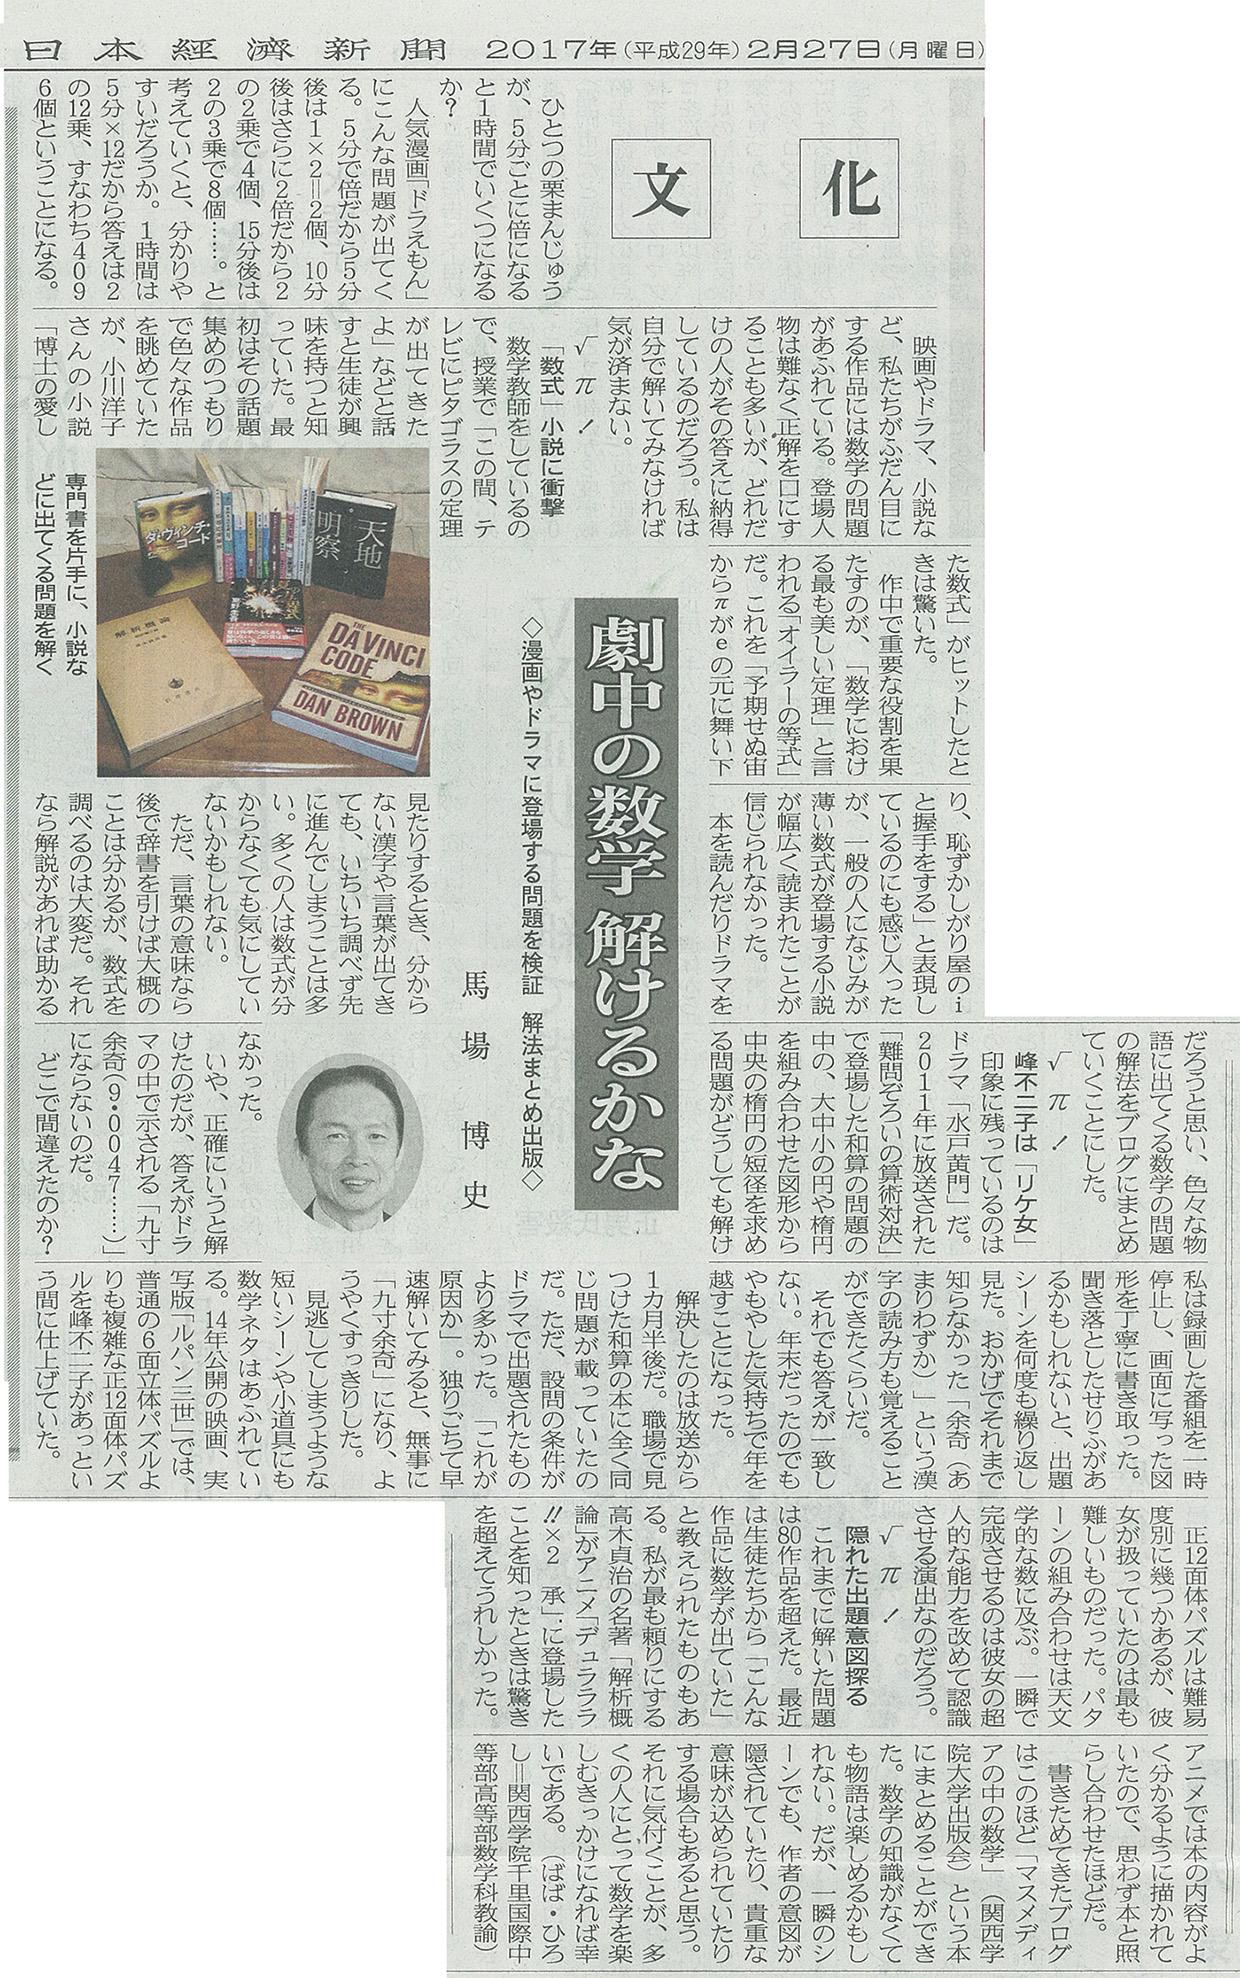 マスメディアの中の数学170227日経新聞記事